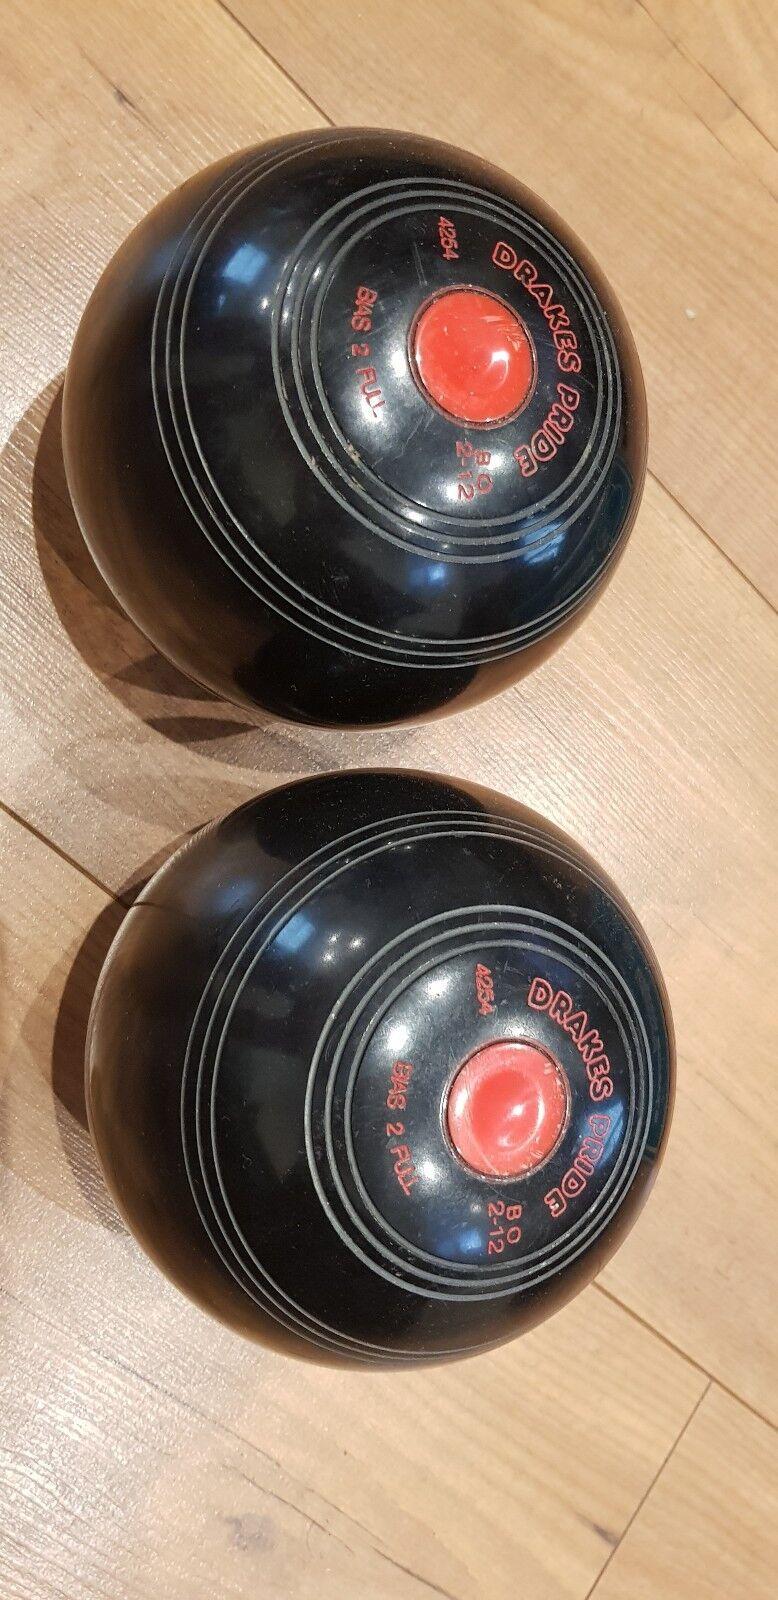 Drakes Pride Professional Bowls 2lbs 12oz